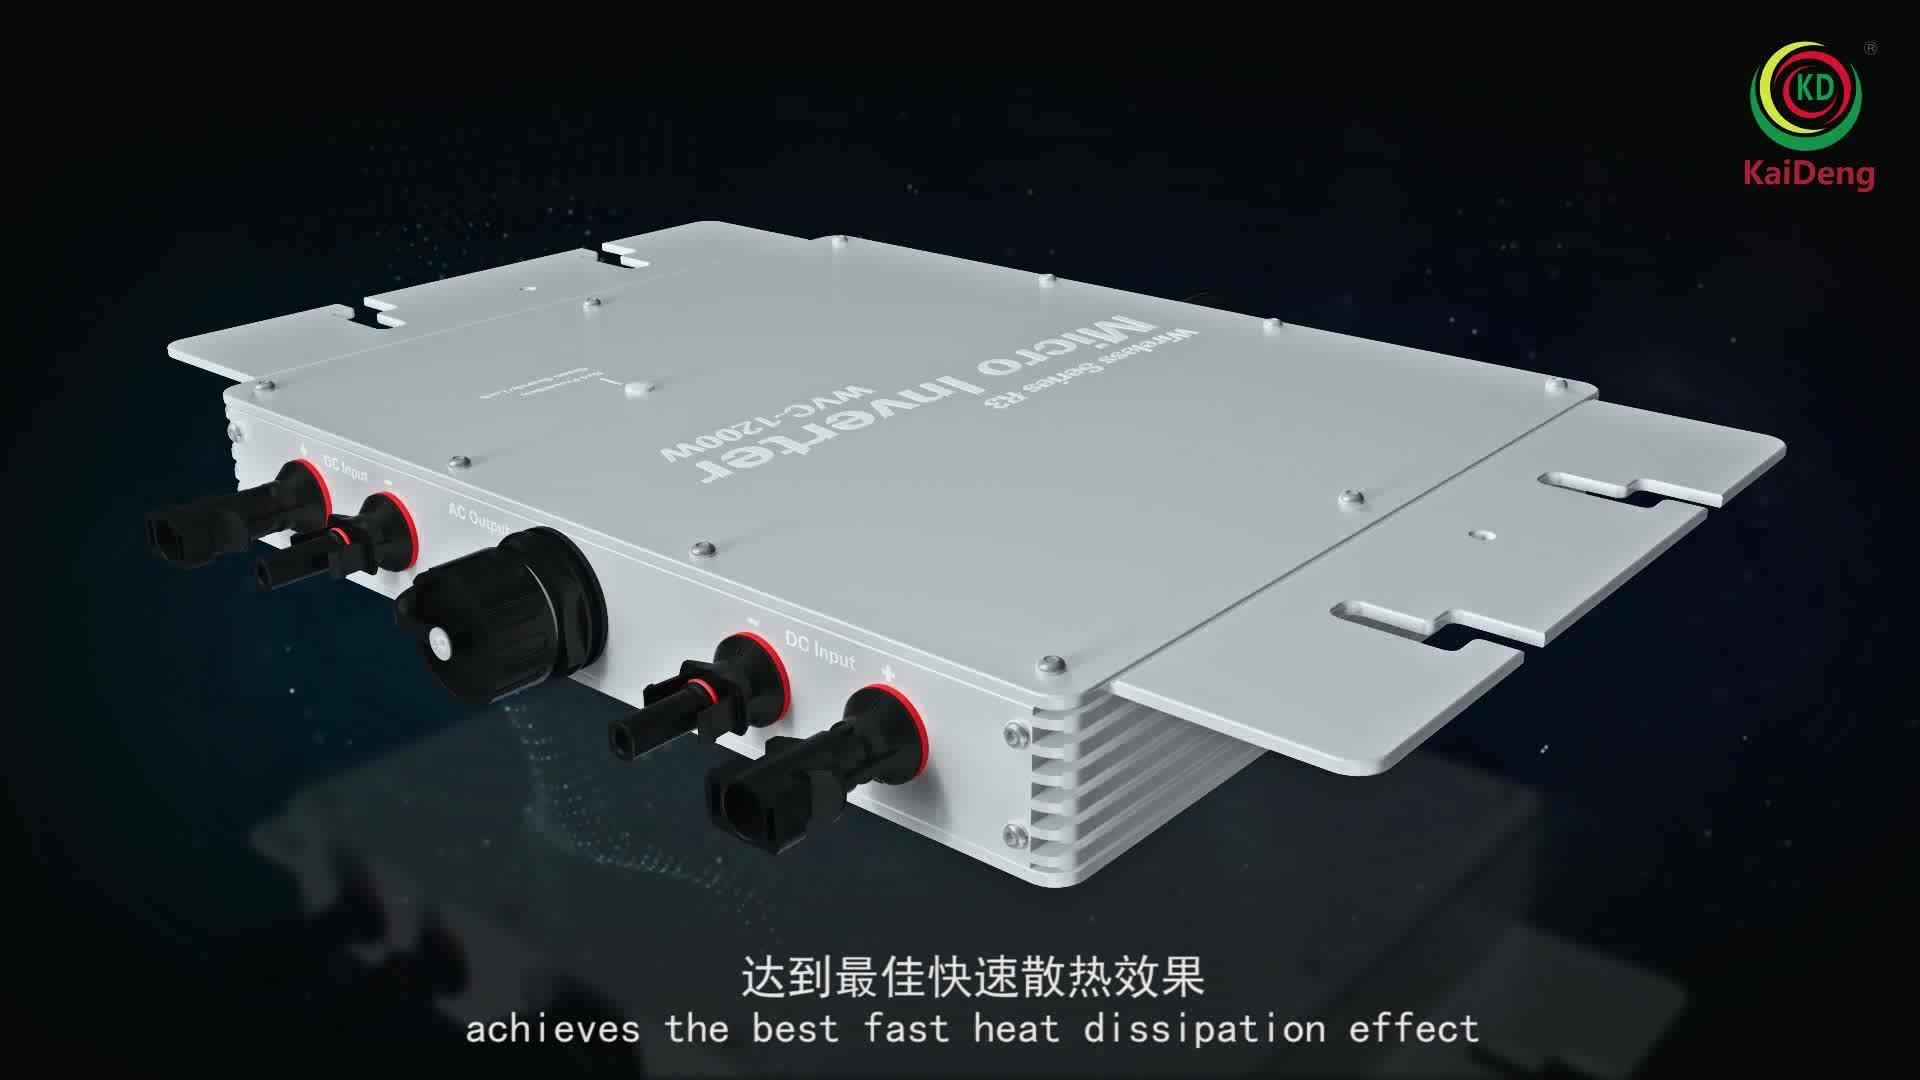 Sistem Tenaga Surya 1200W Smart Microinverter IEC/Etl Sertifikasi